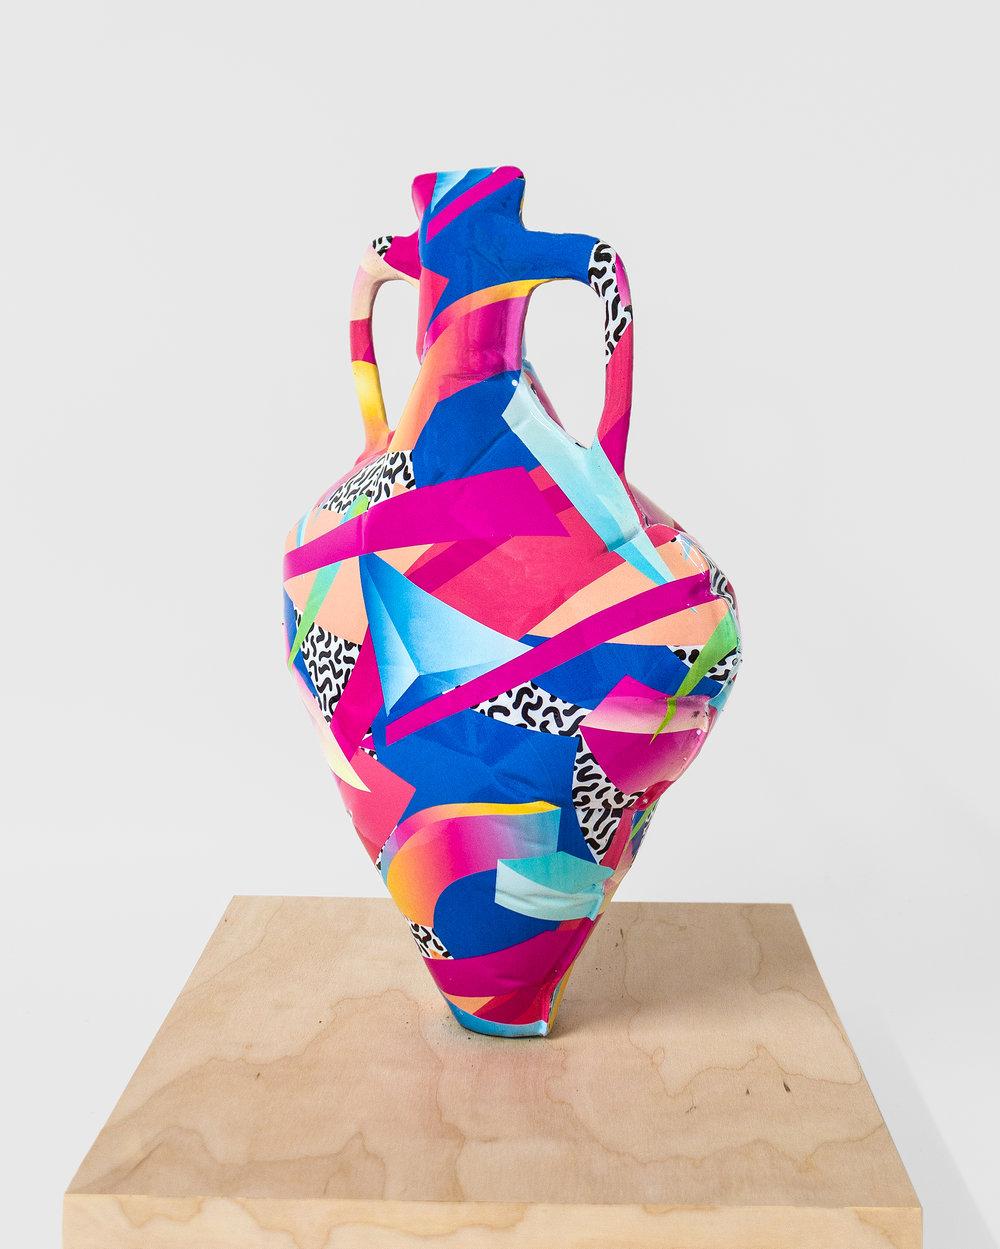 AdamParkerSmith_Sculpture6_Side4.jpg